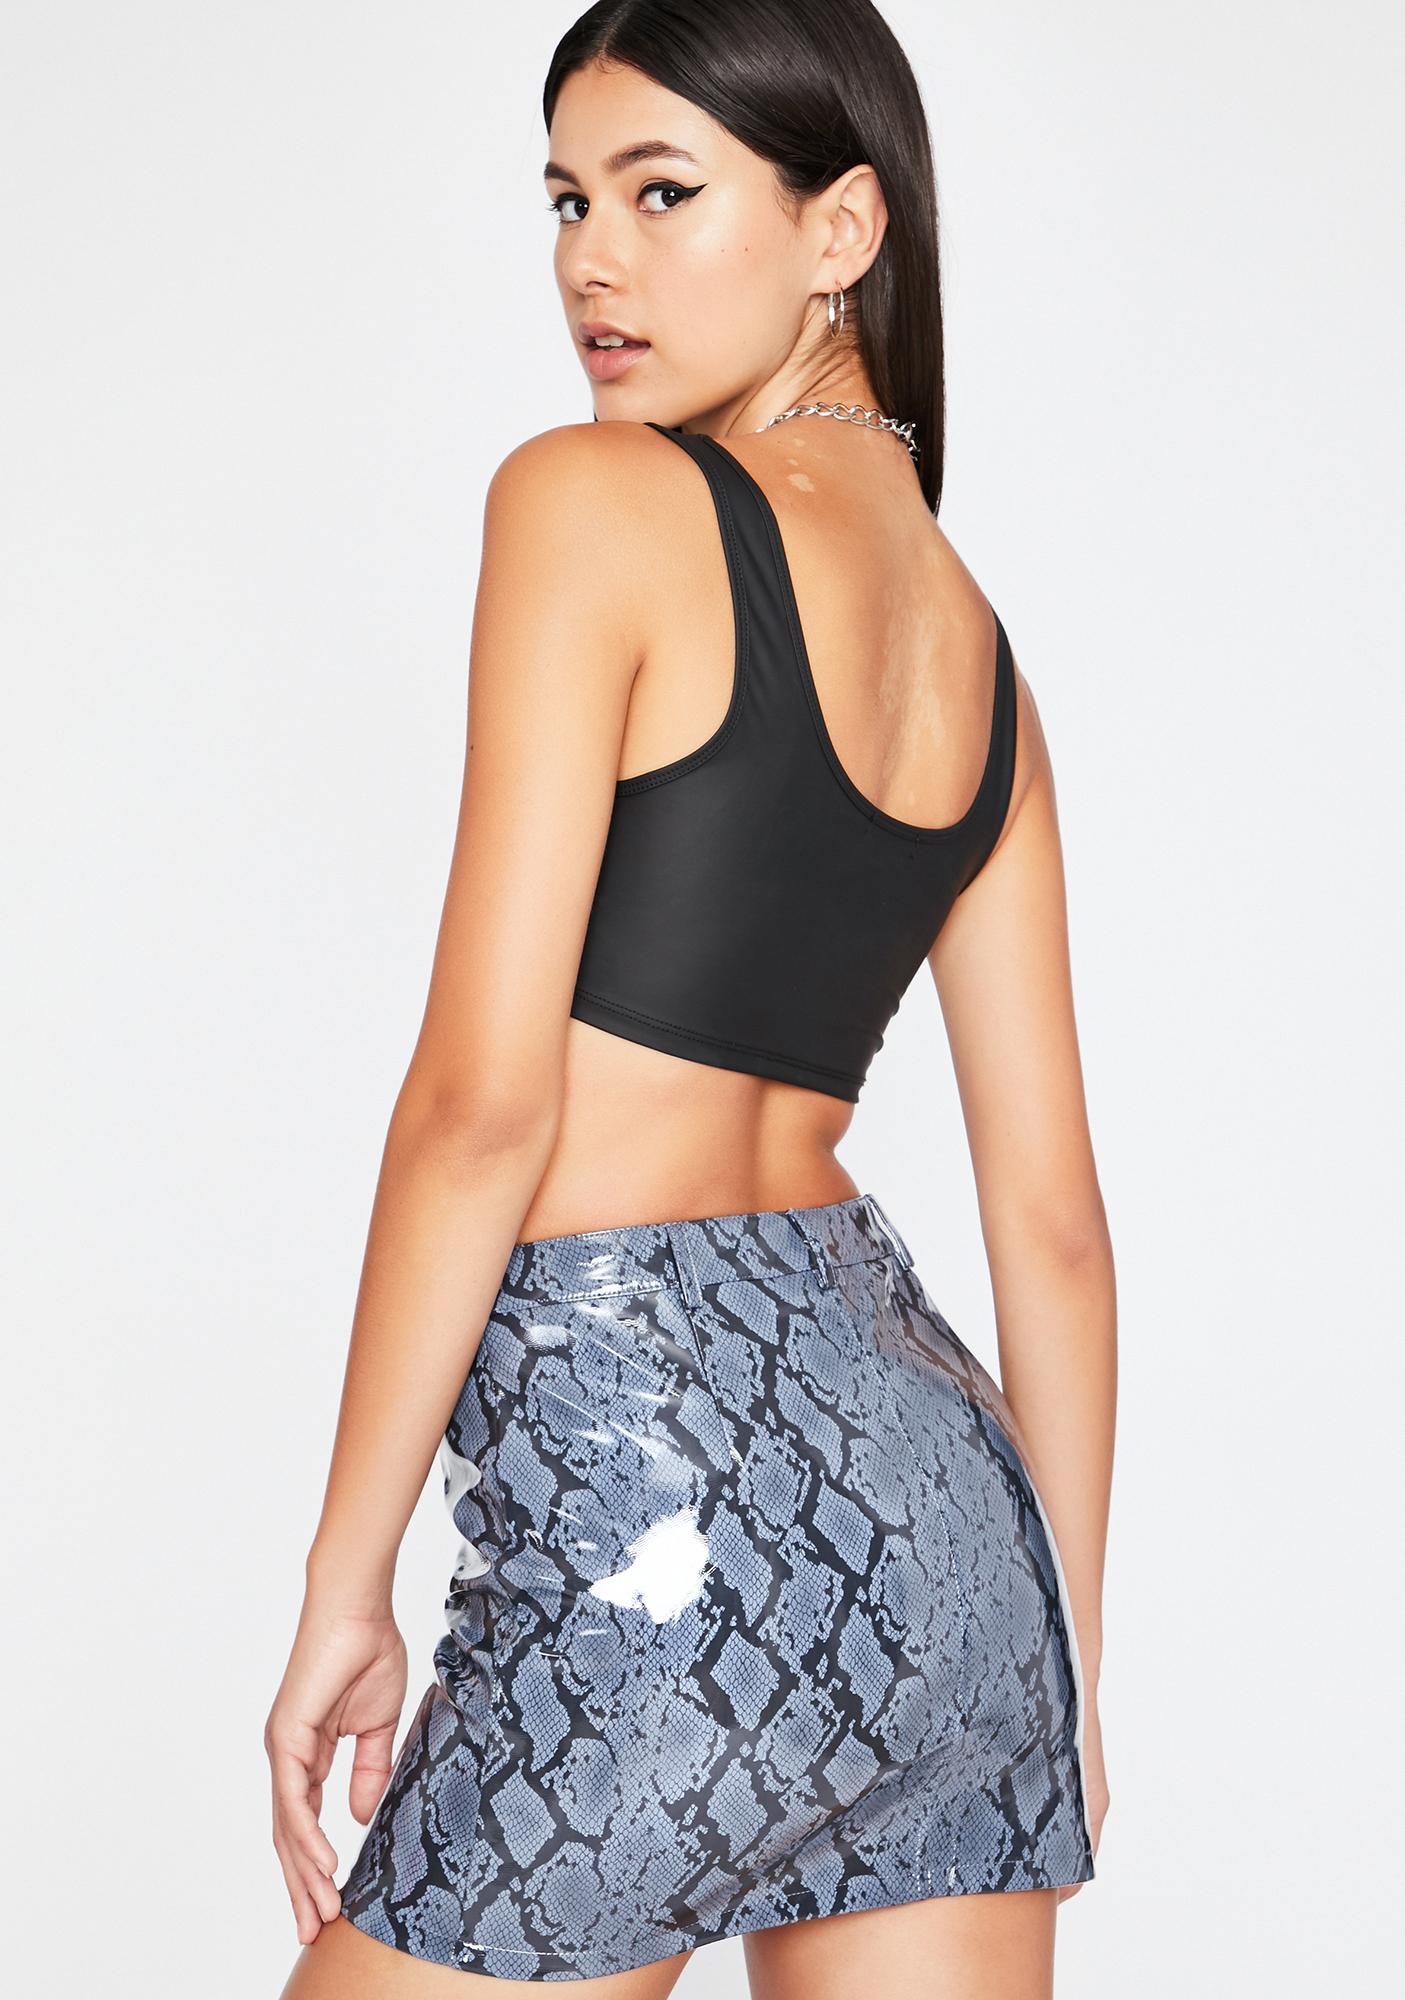 Misbehavin' Thots Vinyl Skirt